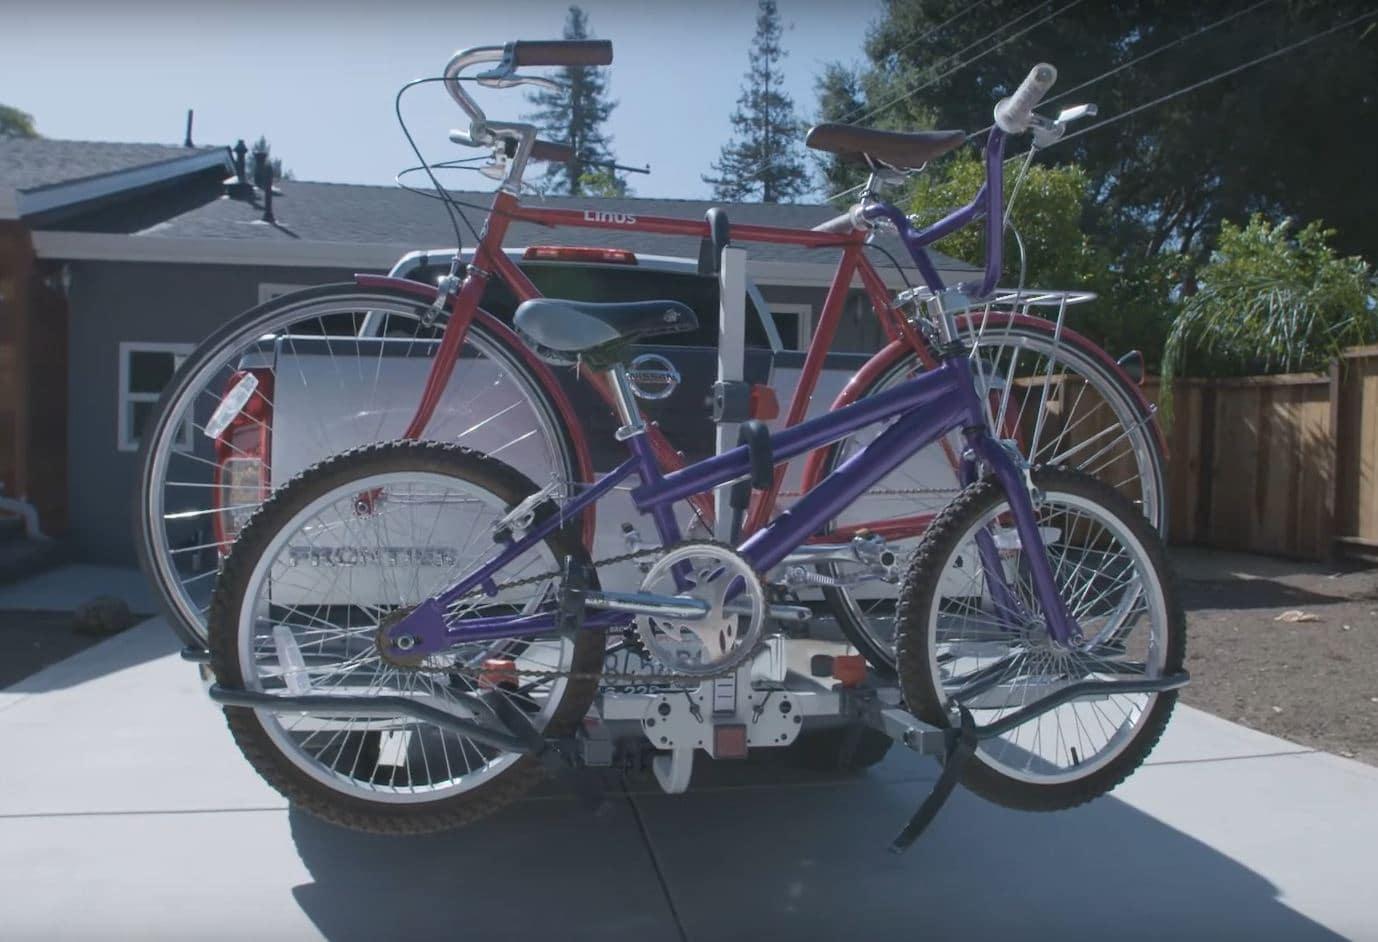 Best Bell Bike Rack Reviews – Bell Cantilever | Right Up | Hitchbiker Racks